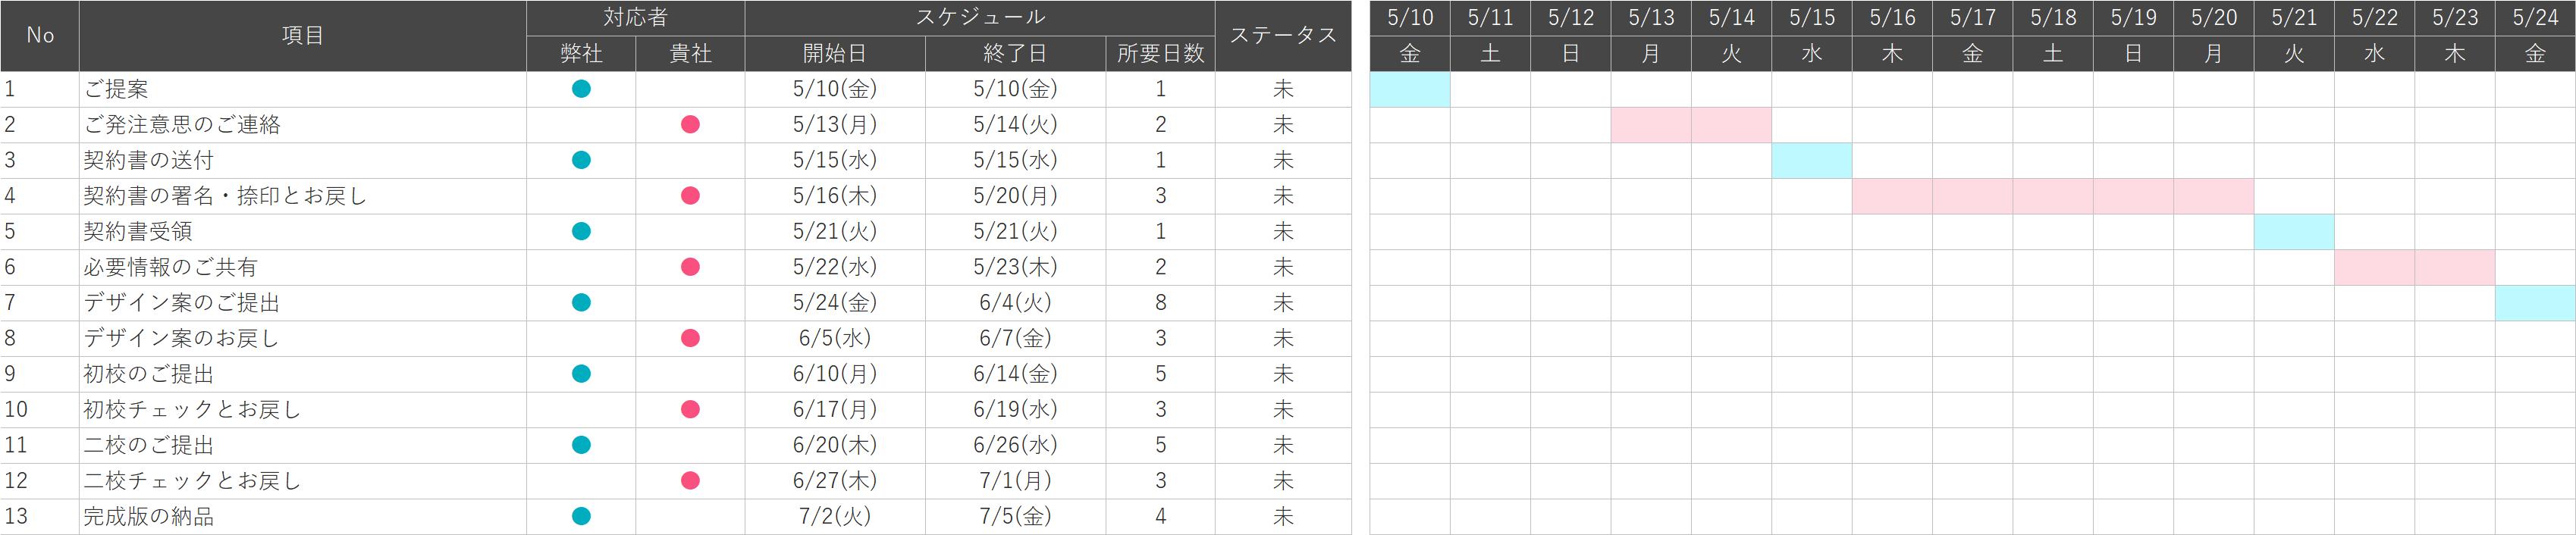 スケジュール表完成イメージ(ガントチャート付き)